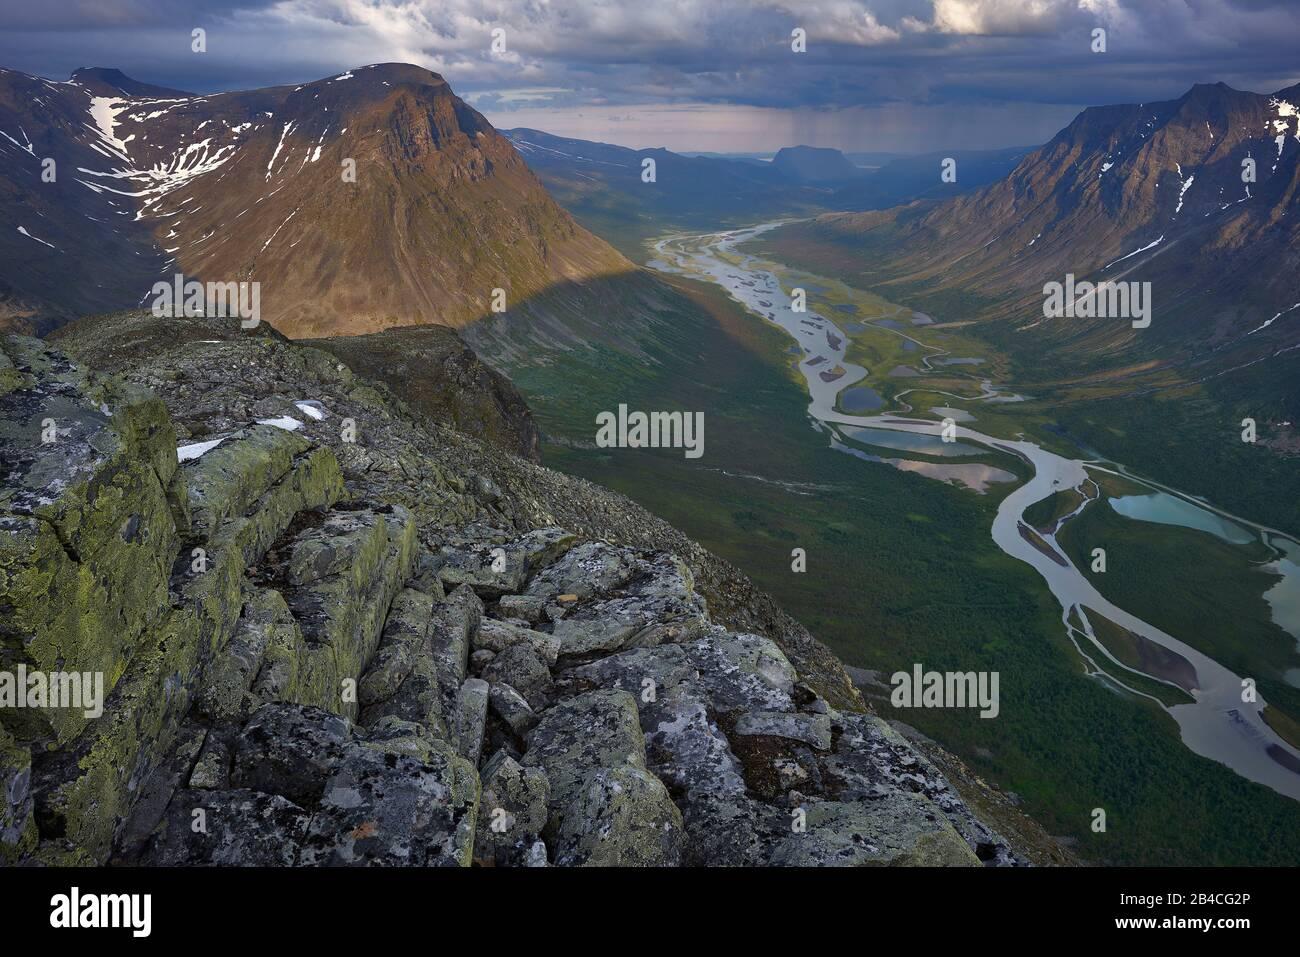 Sverige,Lappland,Sarek nationalpark, Rapaätno rivière vers le mont Biellorieppe et Skoarki Banque D'Images